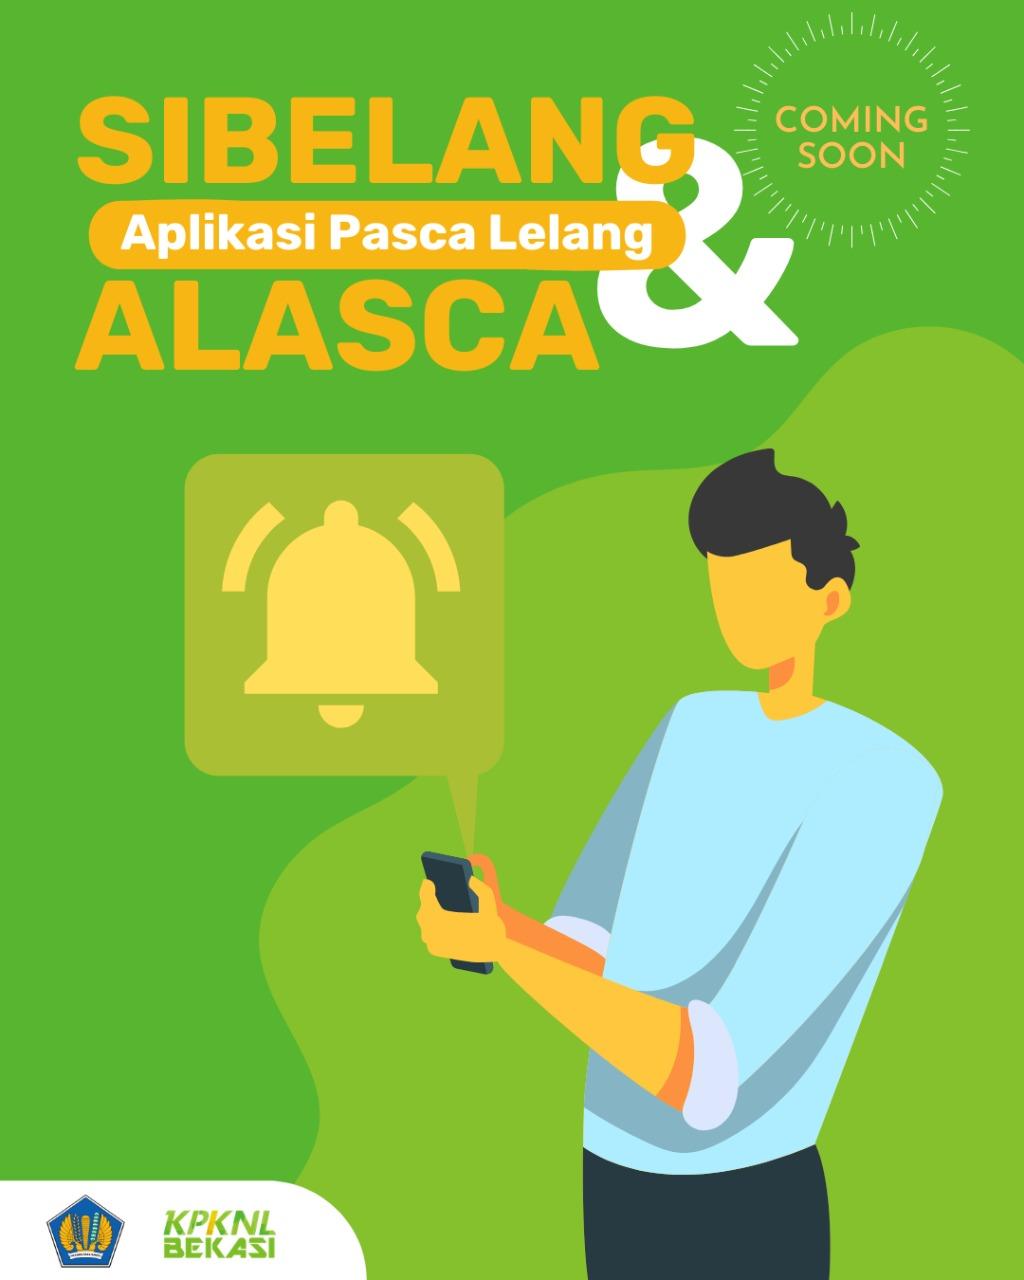 Anda Mengalami Kesulitan Pasca Lelang? Gunakan Aplikasi Sibelang dan Alasca